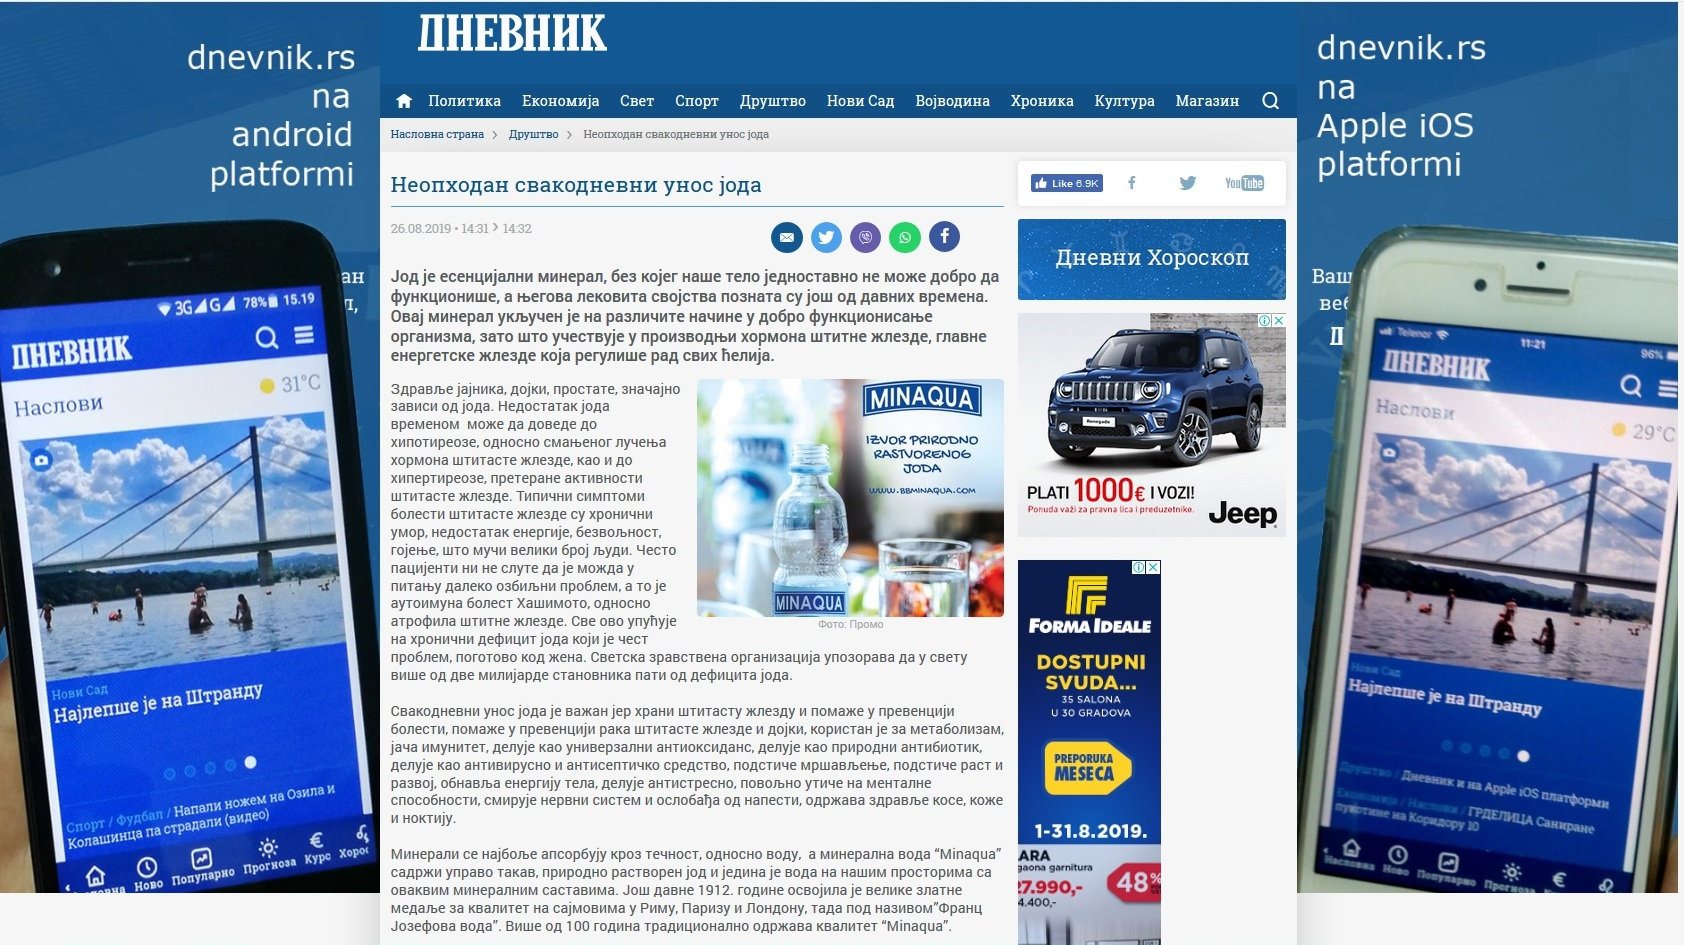 BB-Minaqua-Objavljeno-26-08-2019-list-DNEVNIK